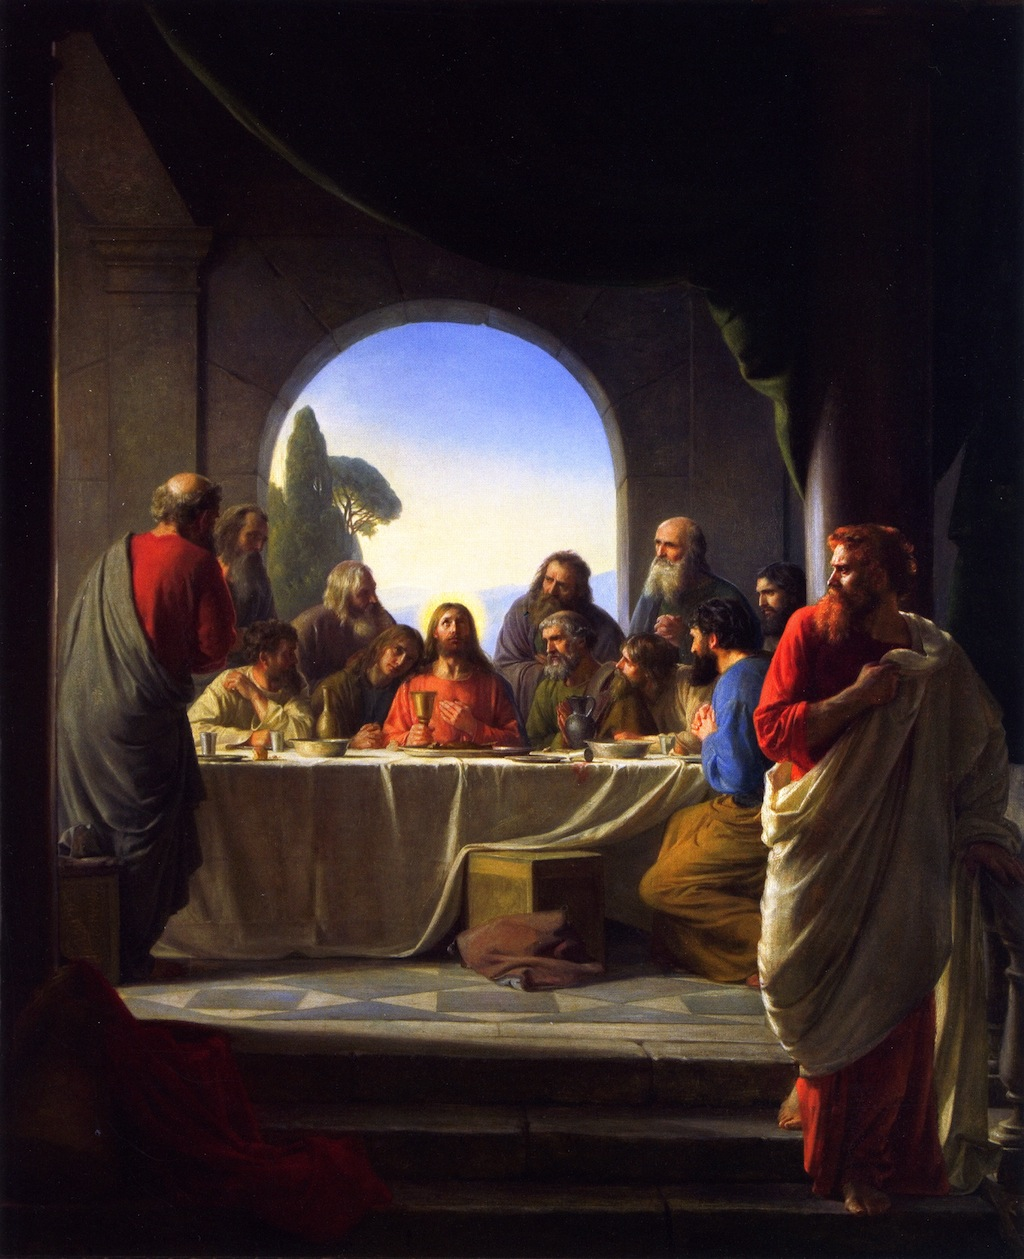 יהודה איש קריות, קרל בלוך